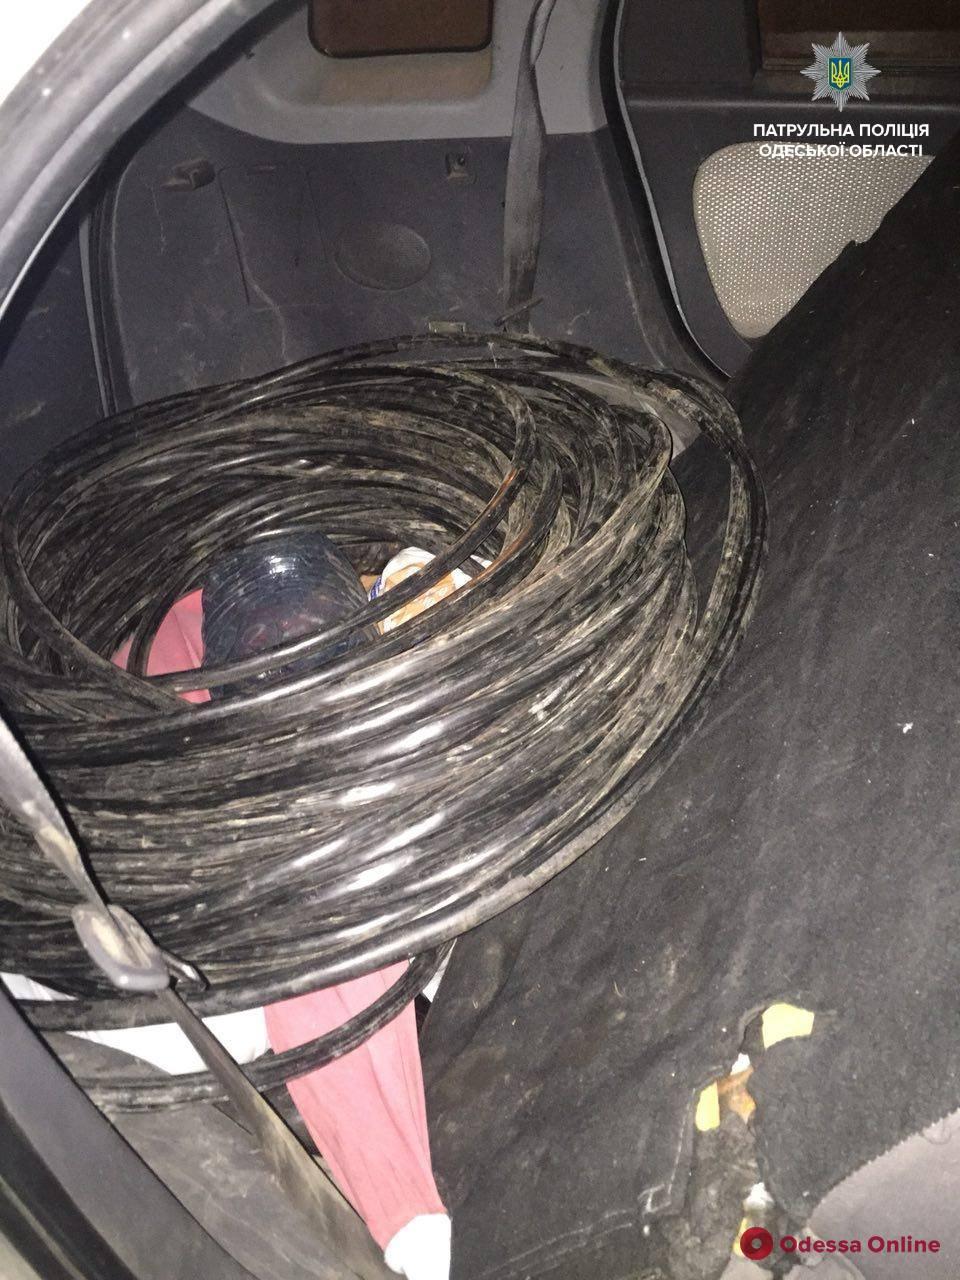 Одесса: полиция поймала кабельных воров